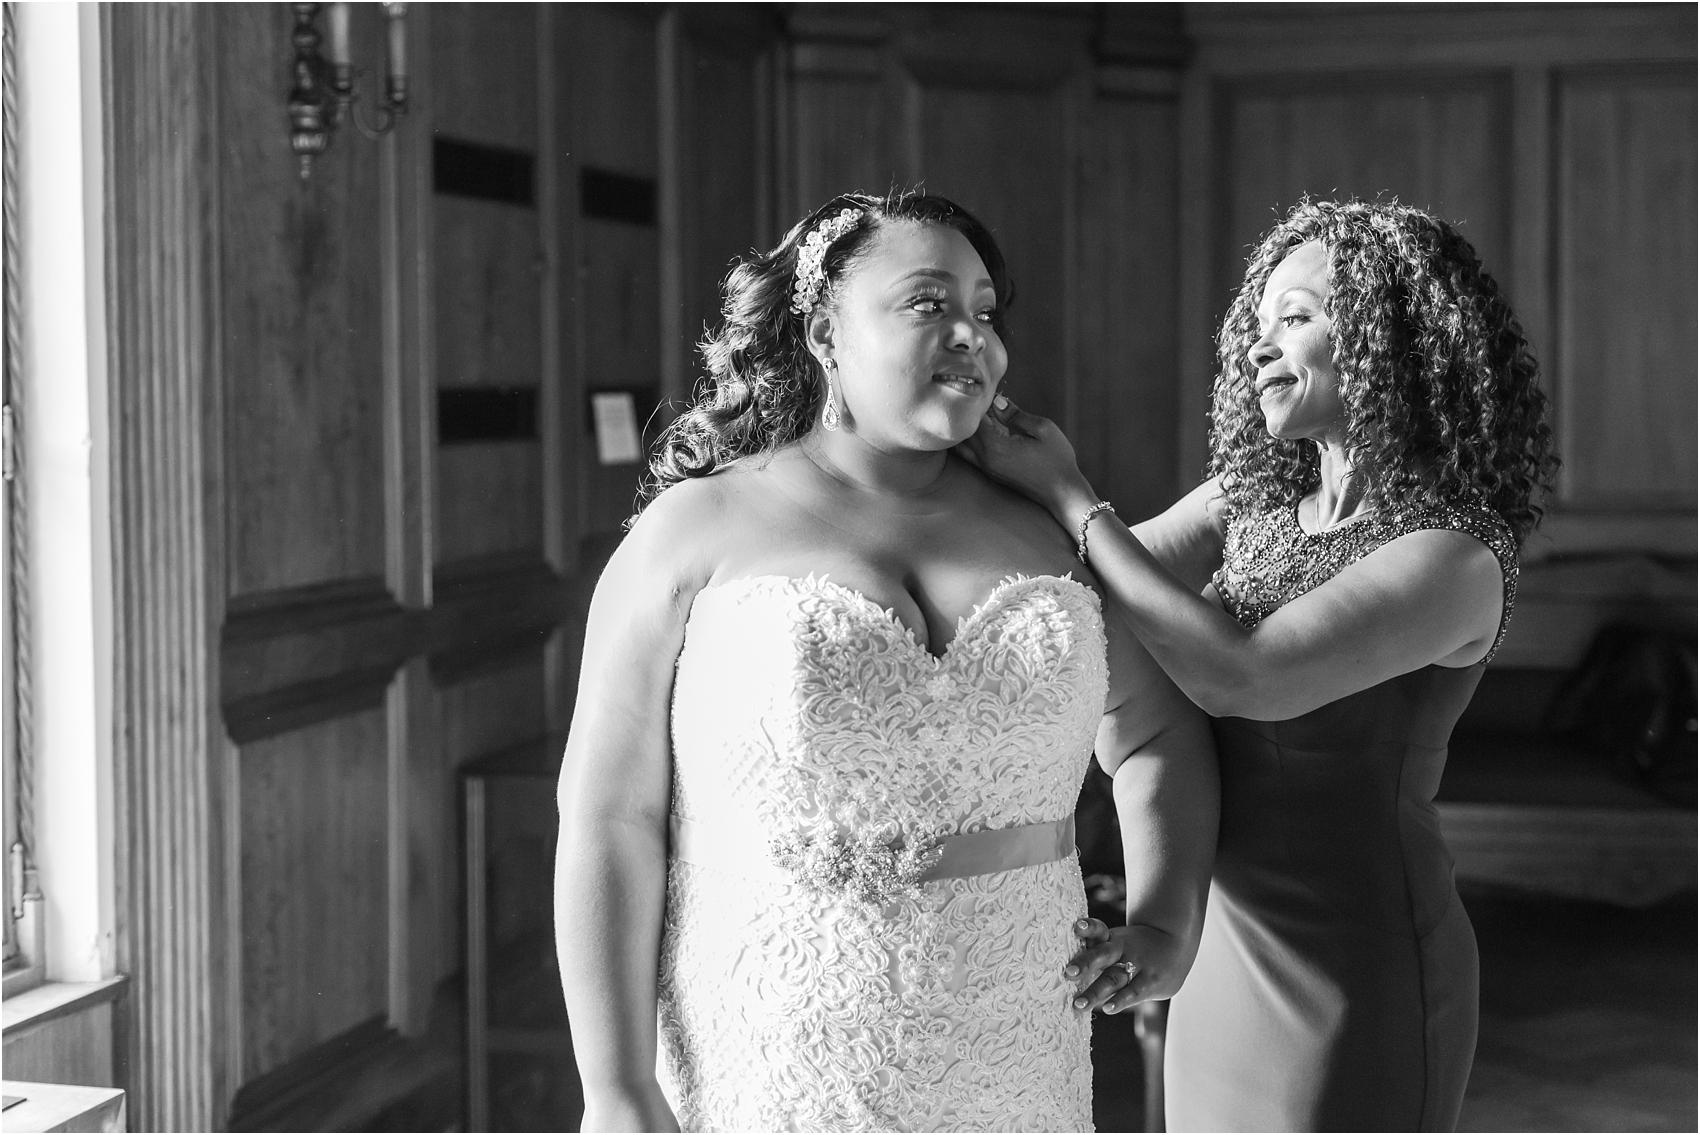 minimalist-and-modern-wedding-photos-at-30-north-saginaw-in-pontiac-michigan-by-courtney-carolyn-photography_0008.jpg